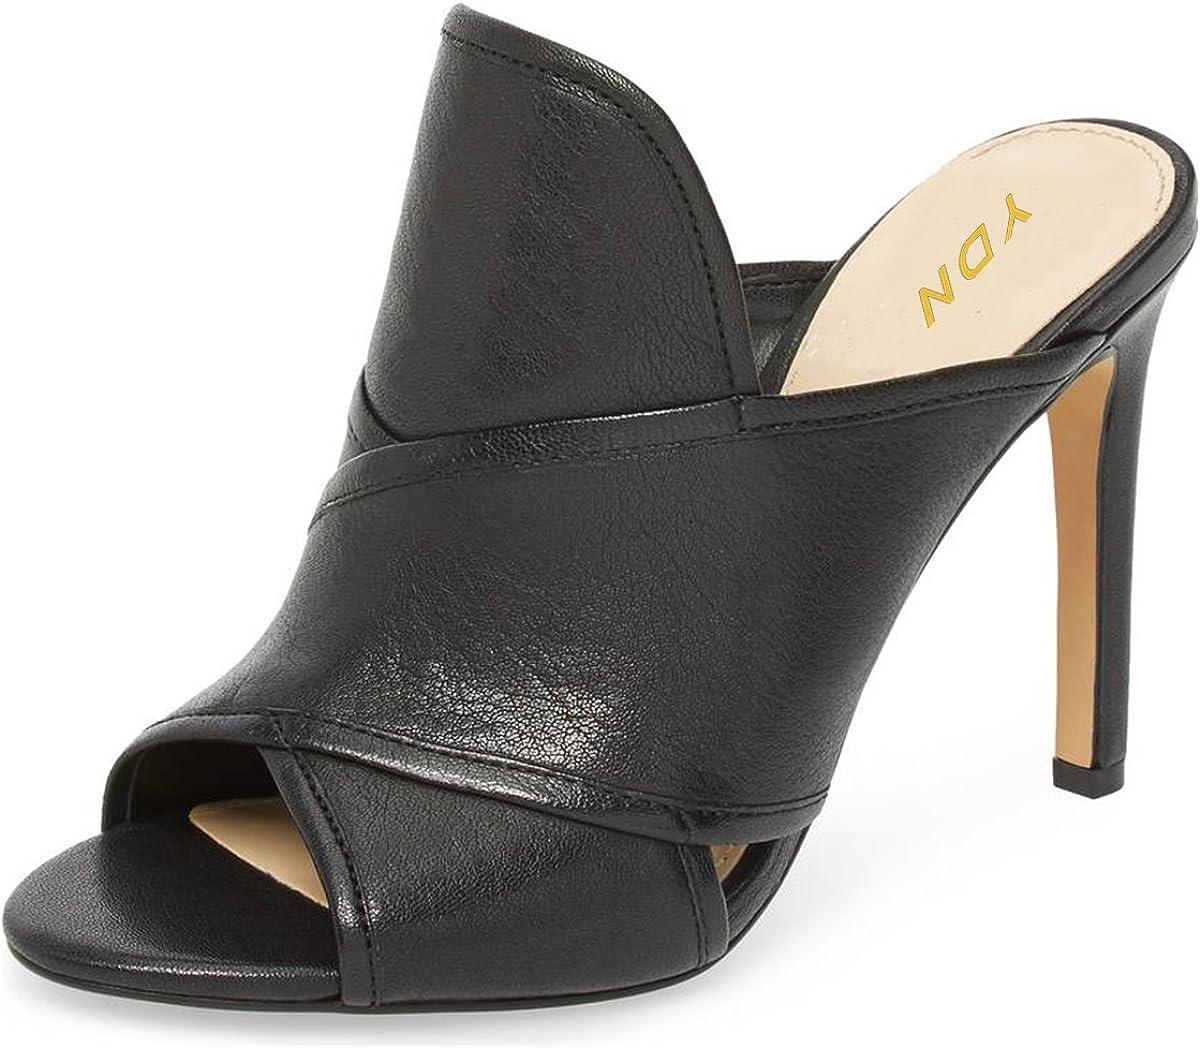 YDN Women Open Toe Stiletto High Heels Backless Mule Pumps Slip On Slide Sandal Dress Clogs Shoes